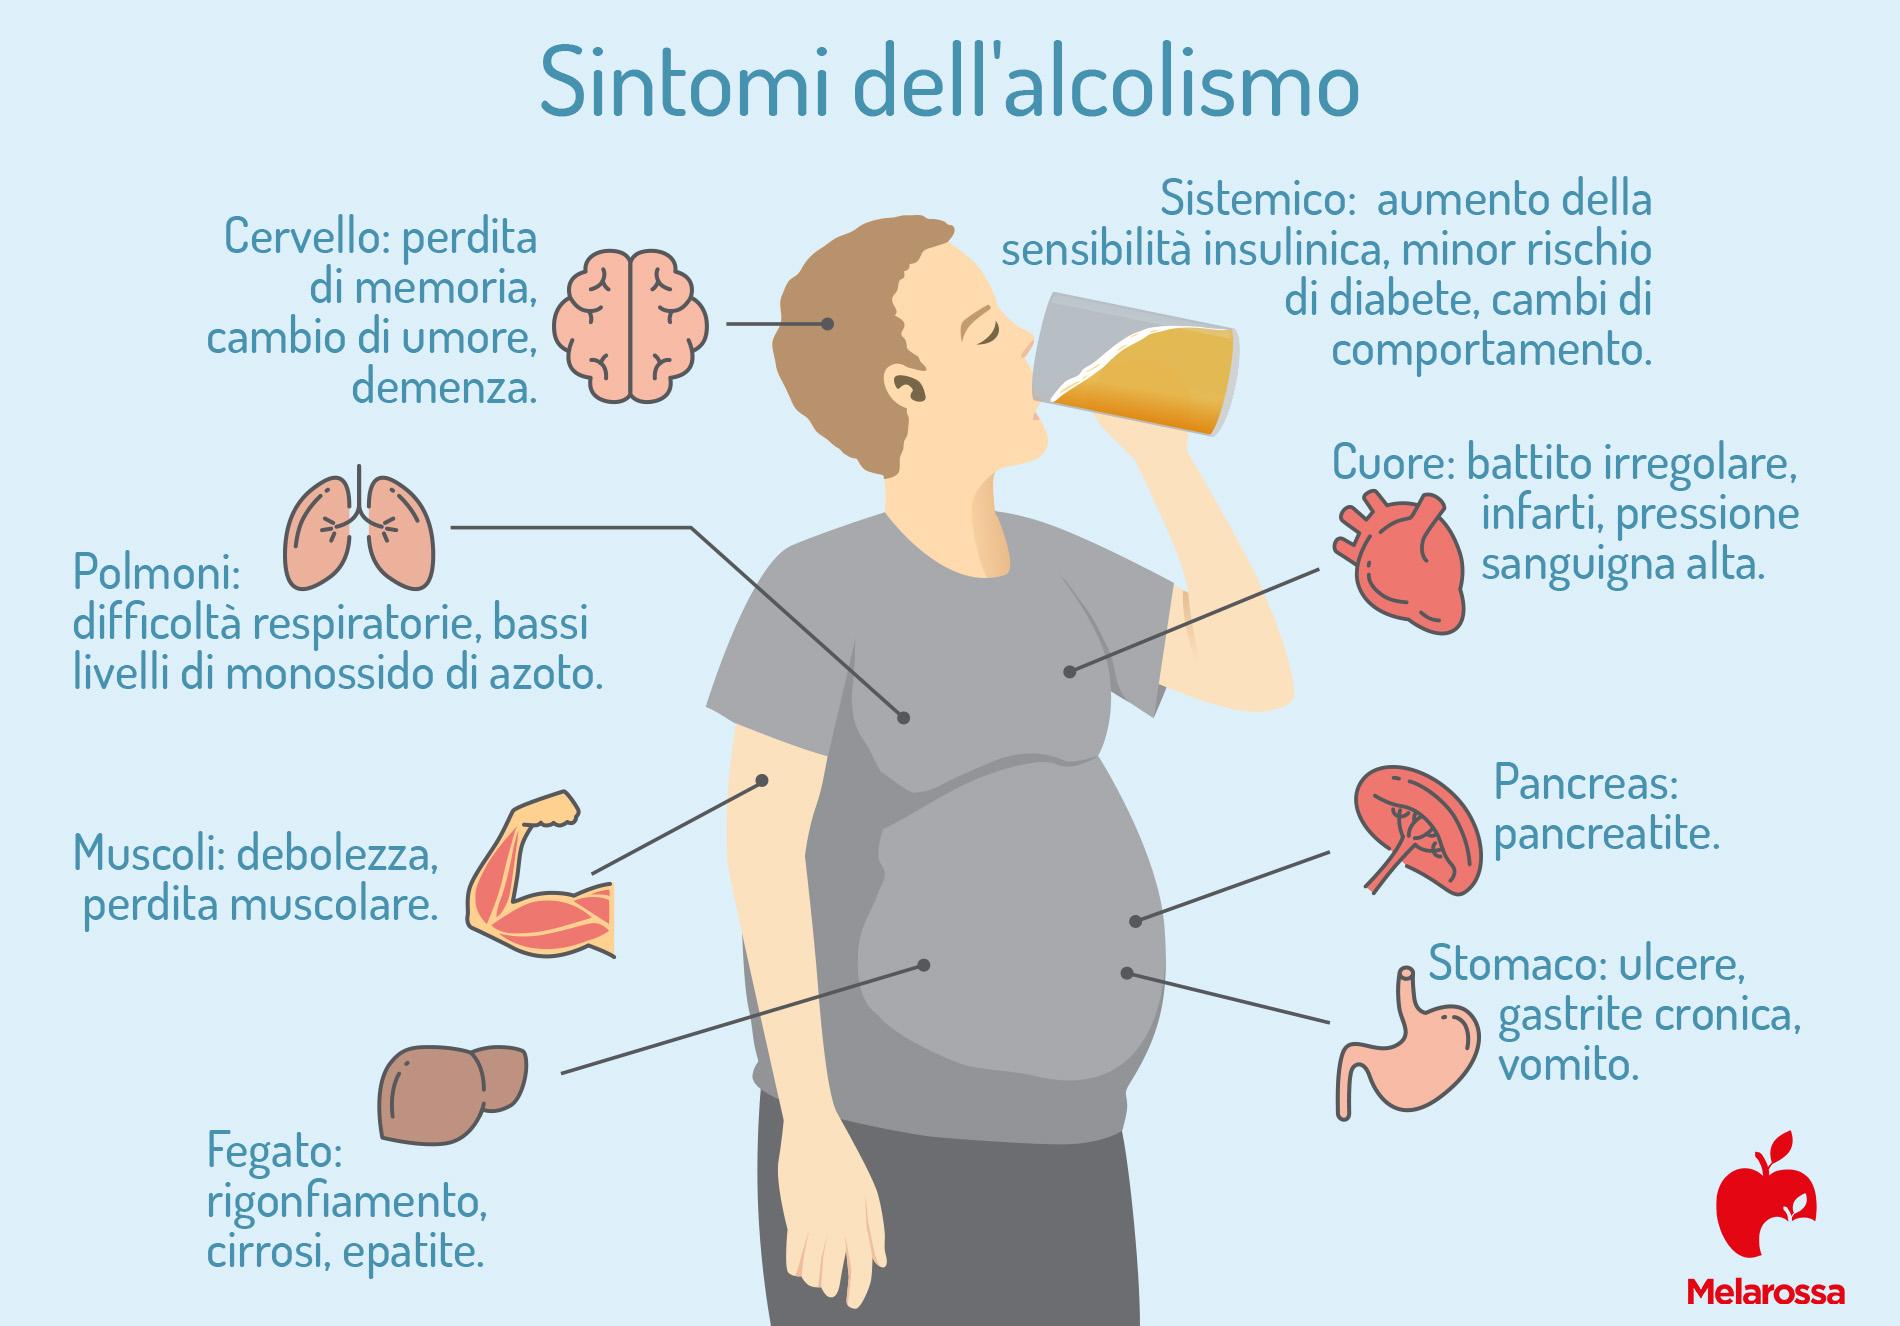 alcolismo: danni e sintomi agli organi